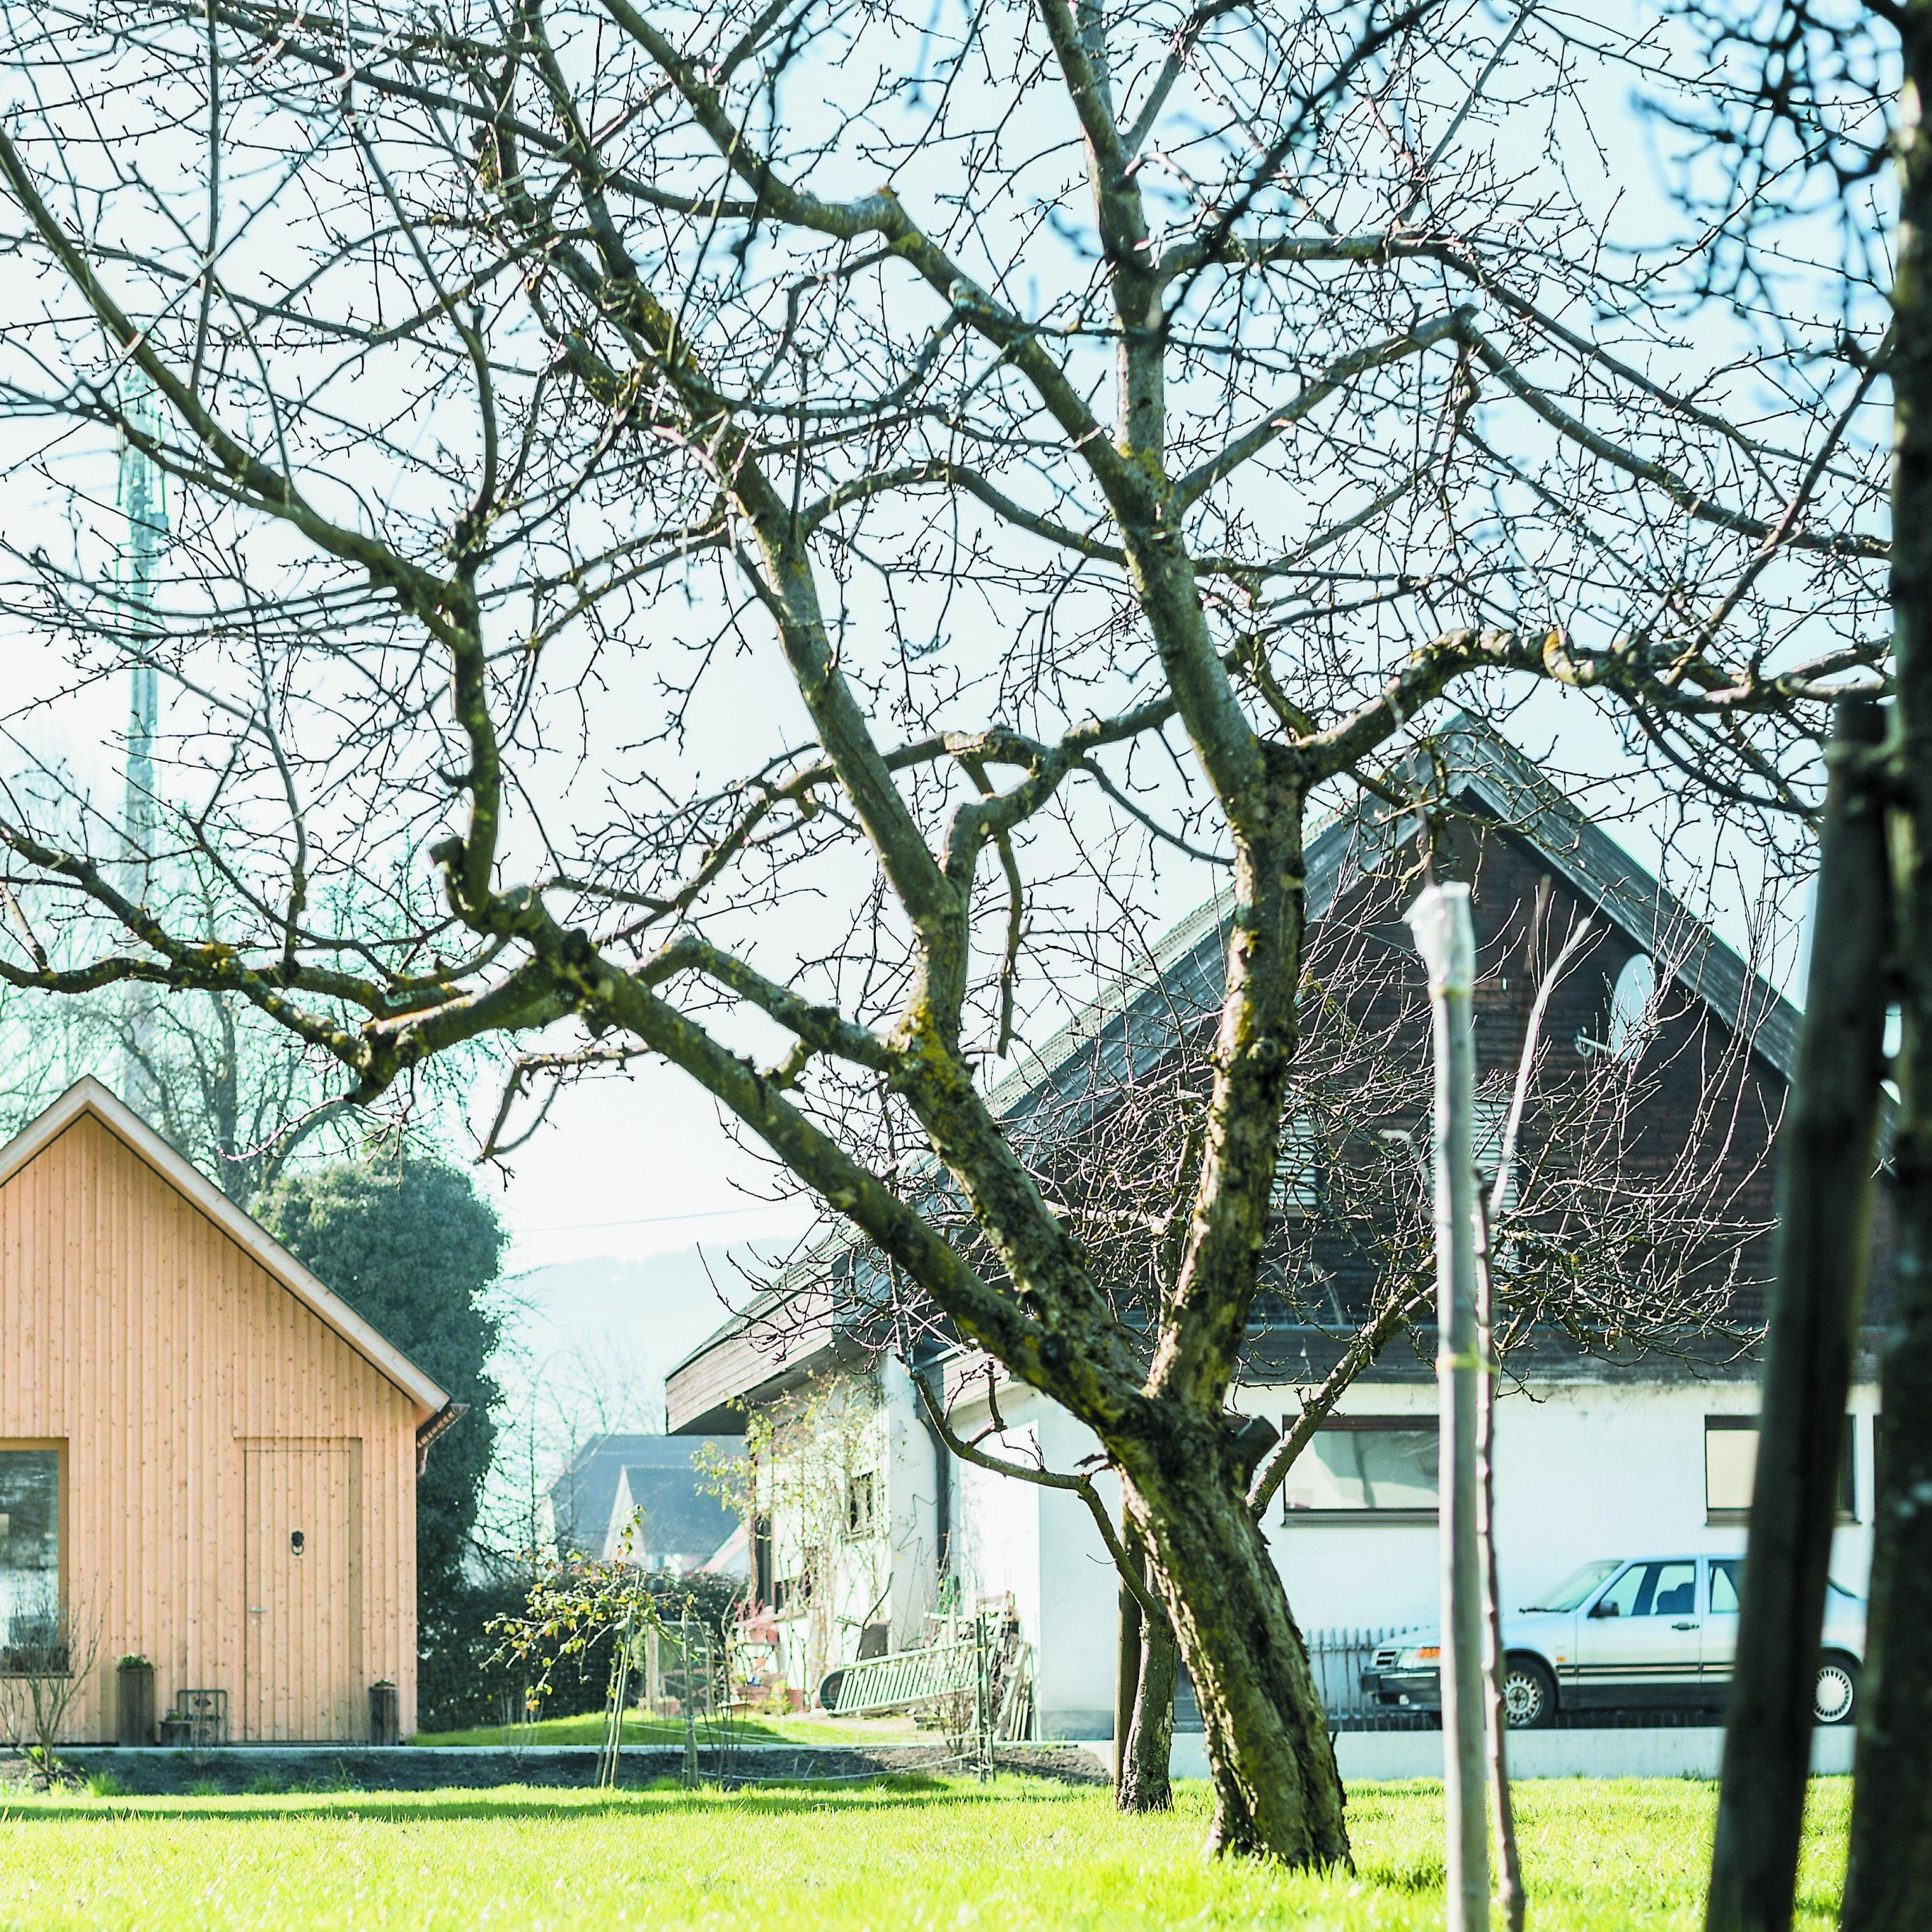 Bauherrin Julia P. entschied sich, ein für ihre Bedürfnisse angefertigtes Zuhause im elterlichen Garten zu planen.